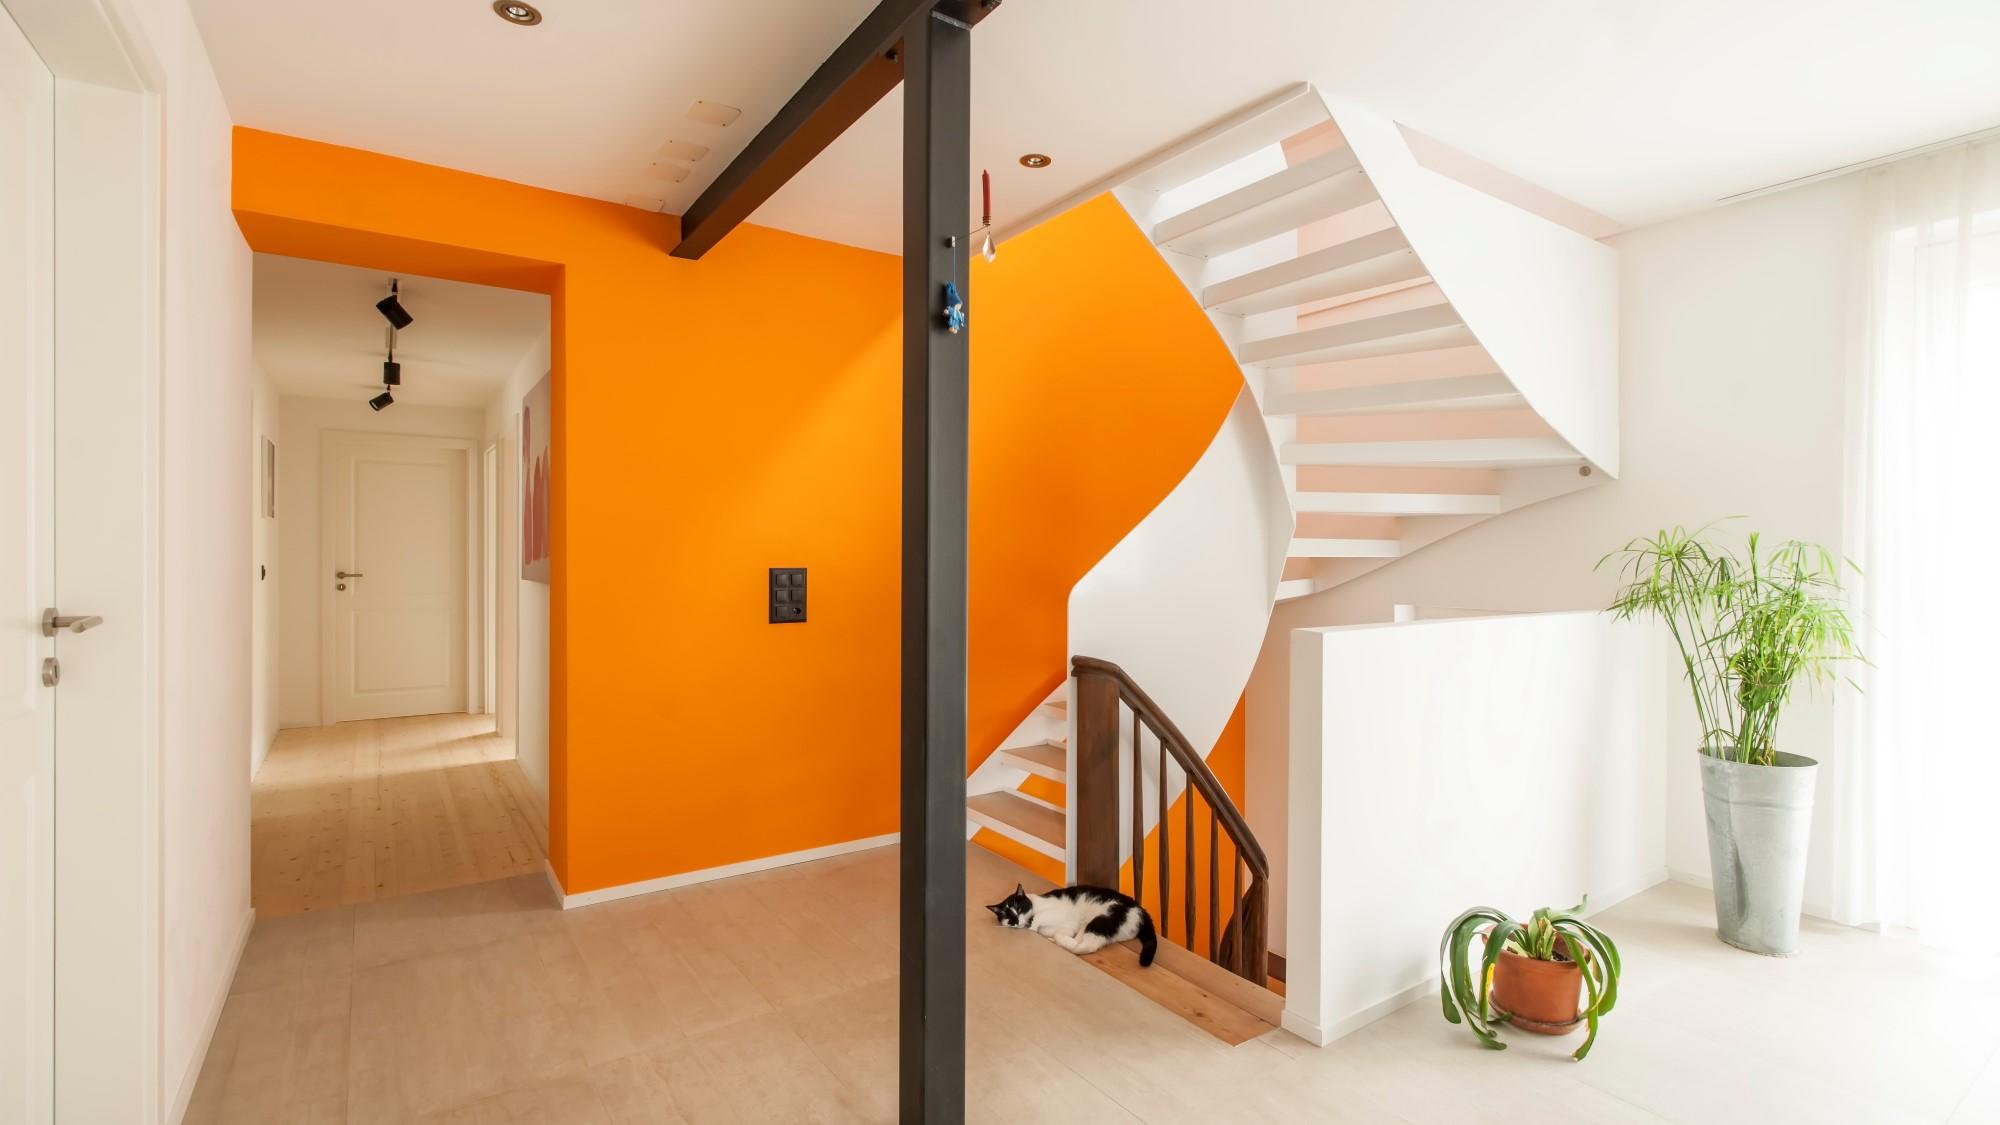 swissstairs gyger treppenbau schweiz metalltreppen holztreppen glastreppen. Black Bedroom Furniture Sets. Home Design Ideas